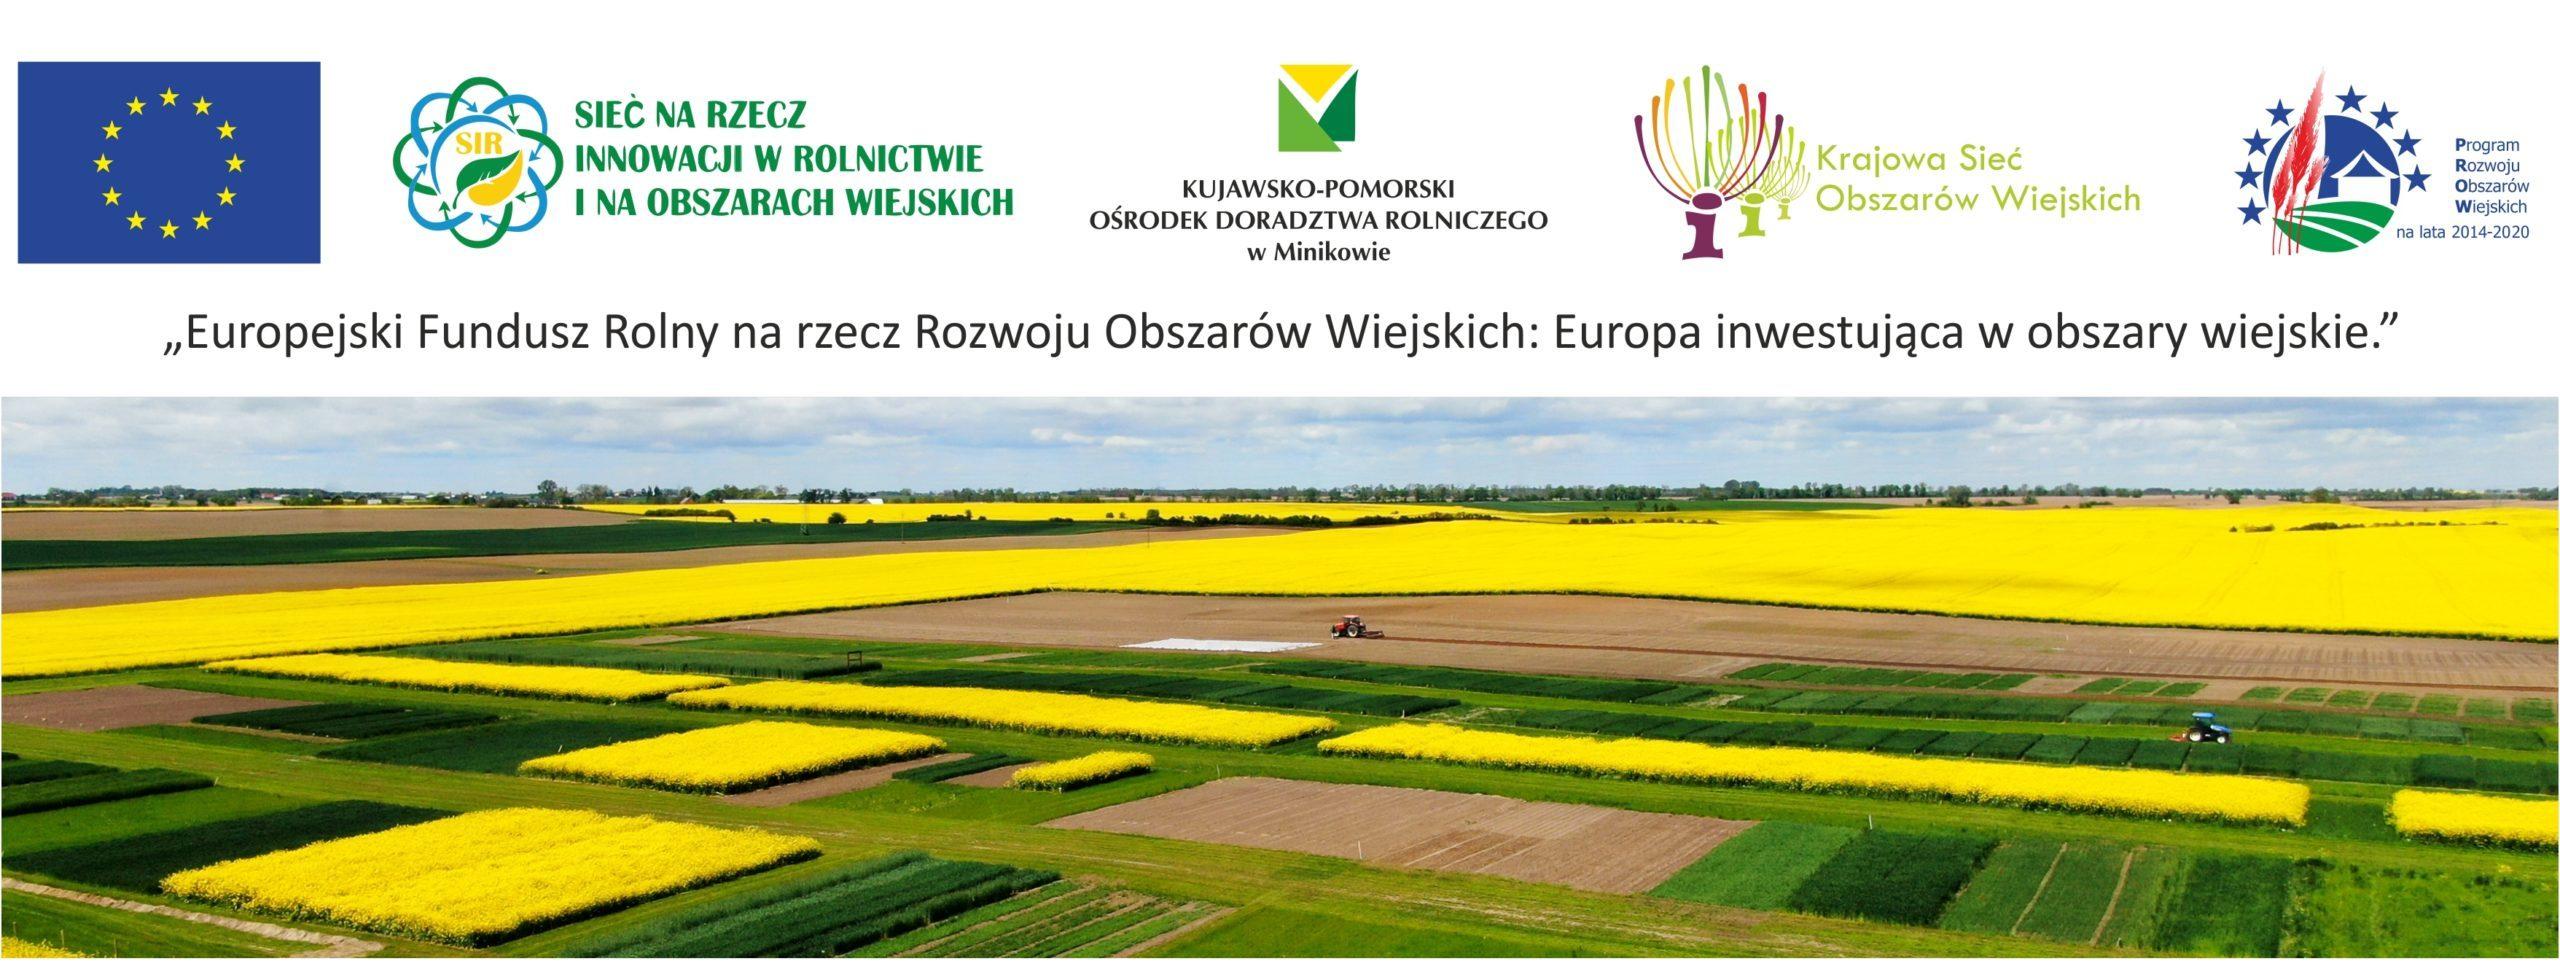 Sieć Innowacji w Rolnictwie i na Obszarach Wiejskich